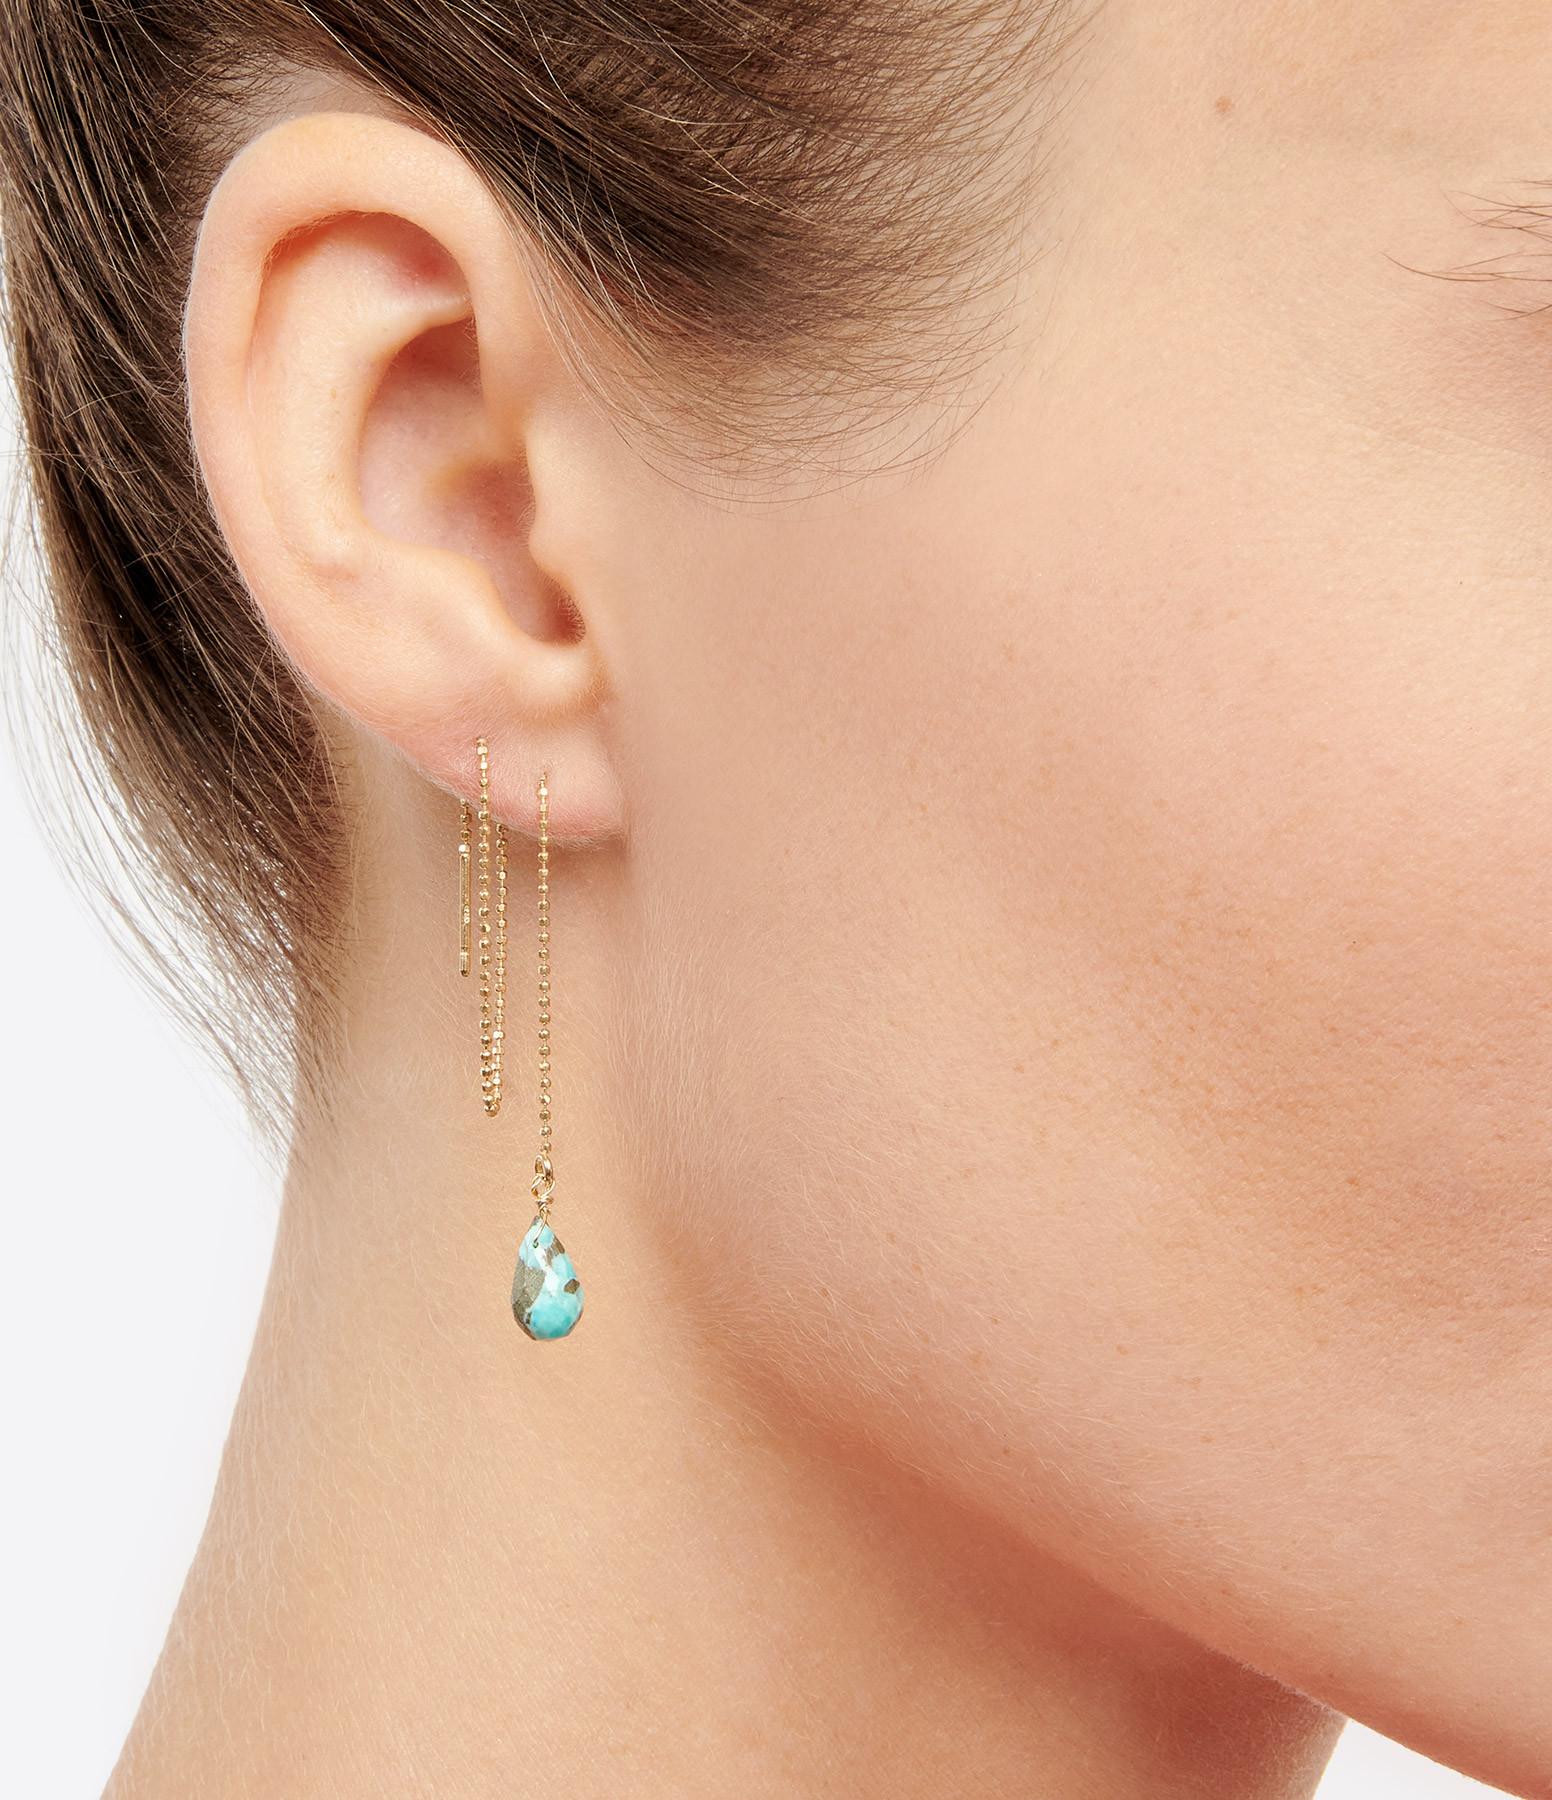 MON PRECIEUX GEM - Boucle d'oreille Chaîne Goutte Turquoise (unité)